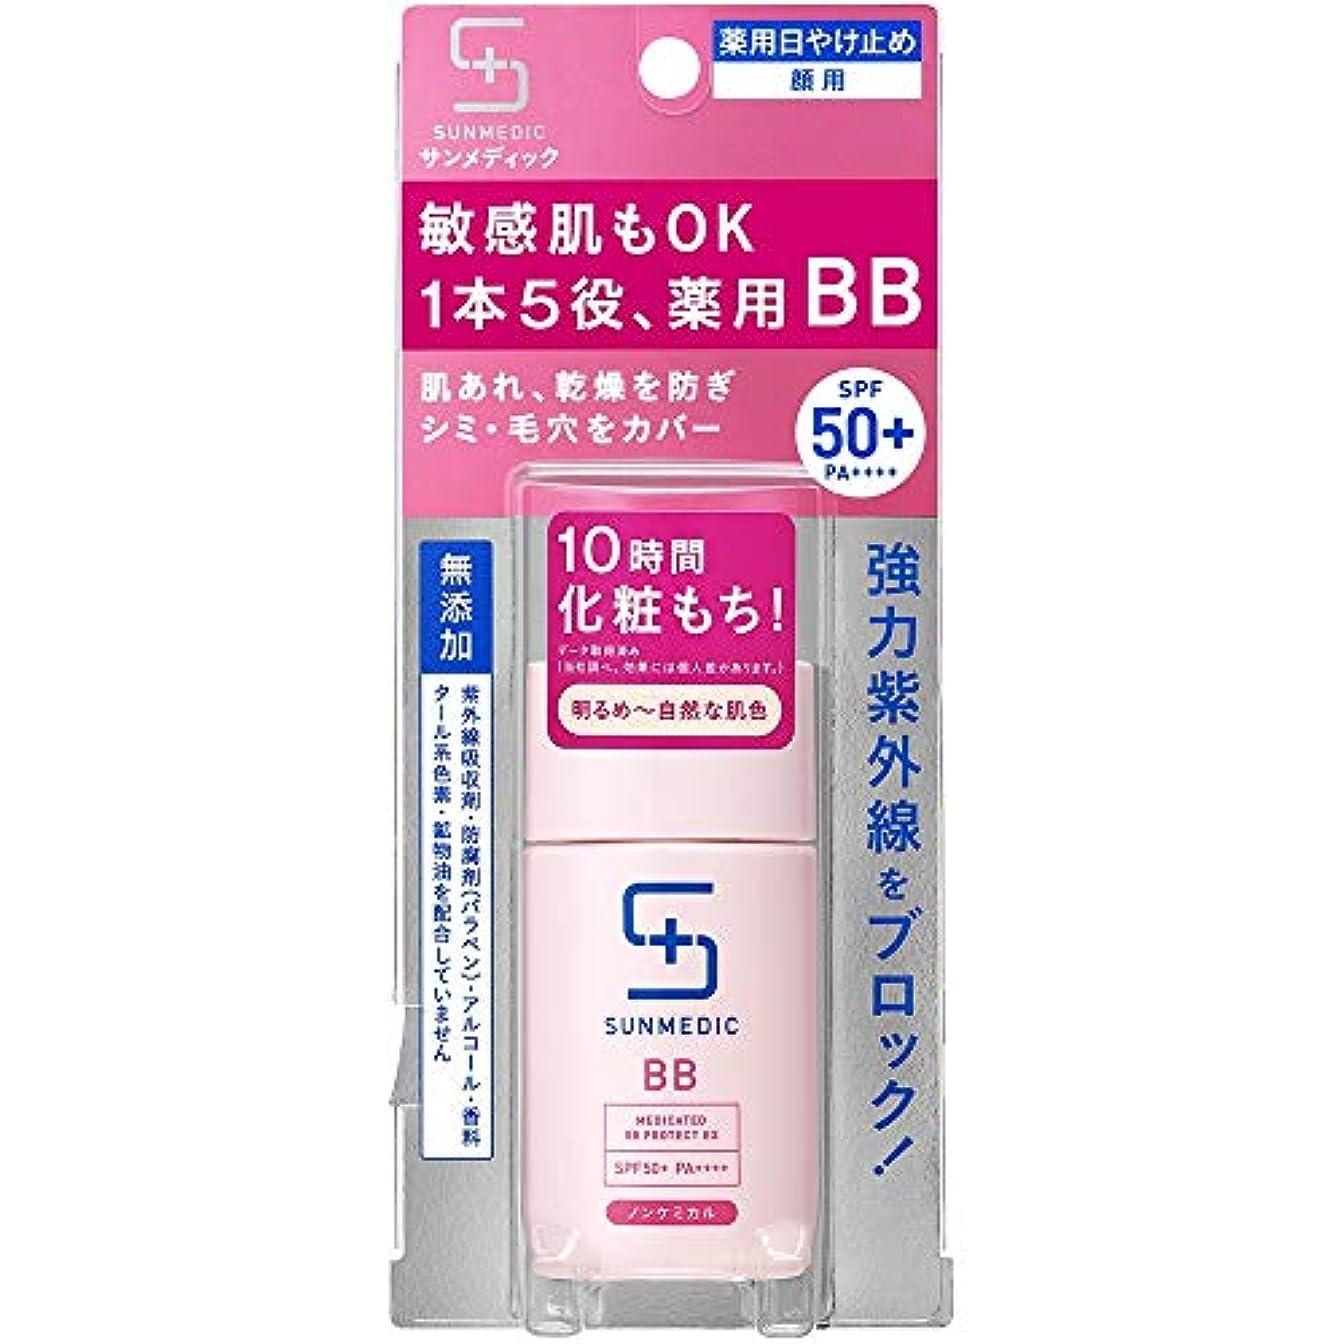 折コンパイル横たわるサンメディックUV 薬用BBプロテクトEX ライト 30ml (医薬部外品)